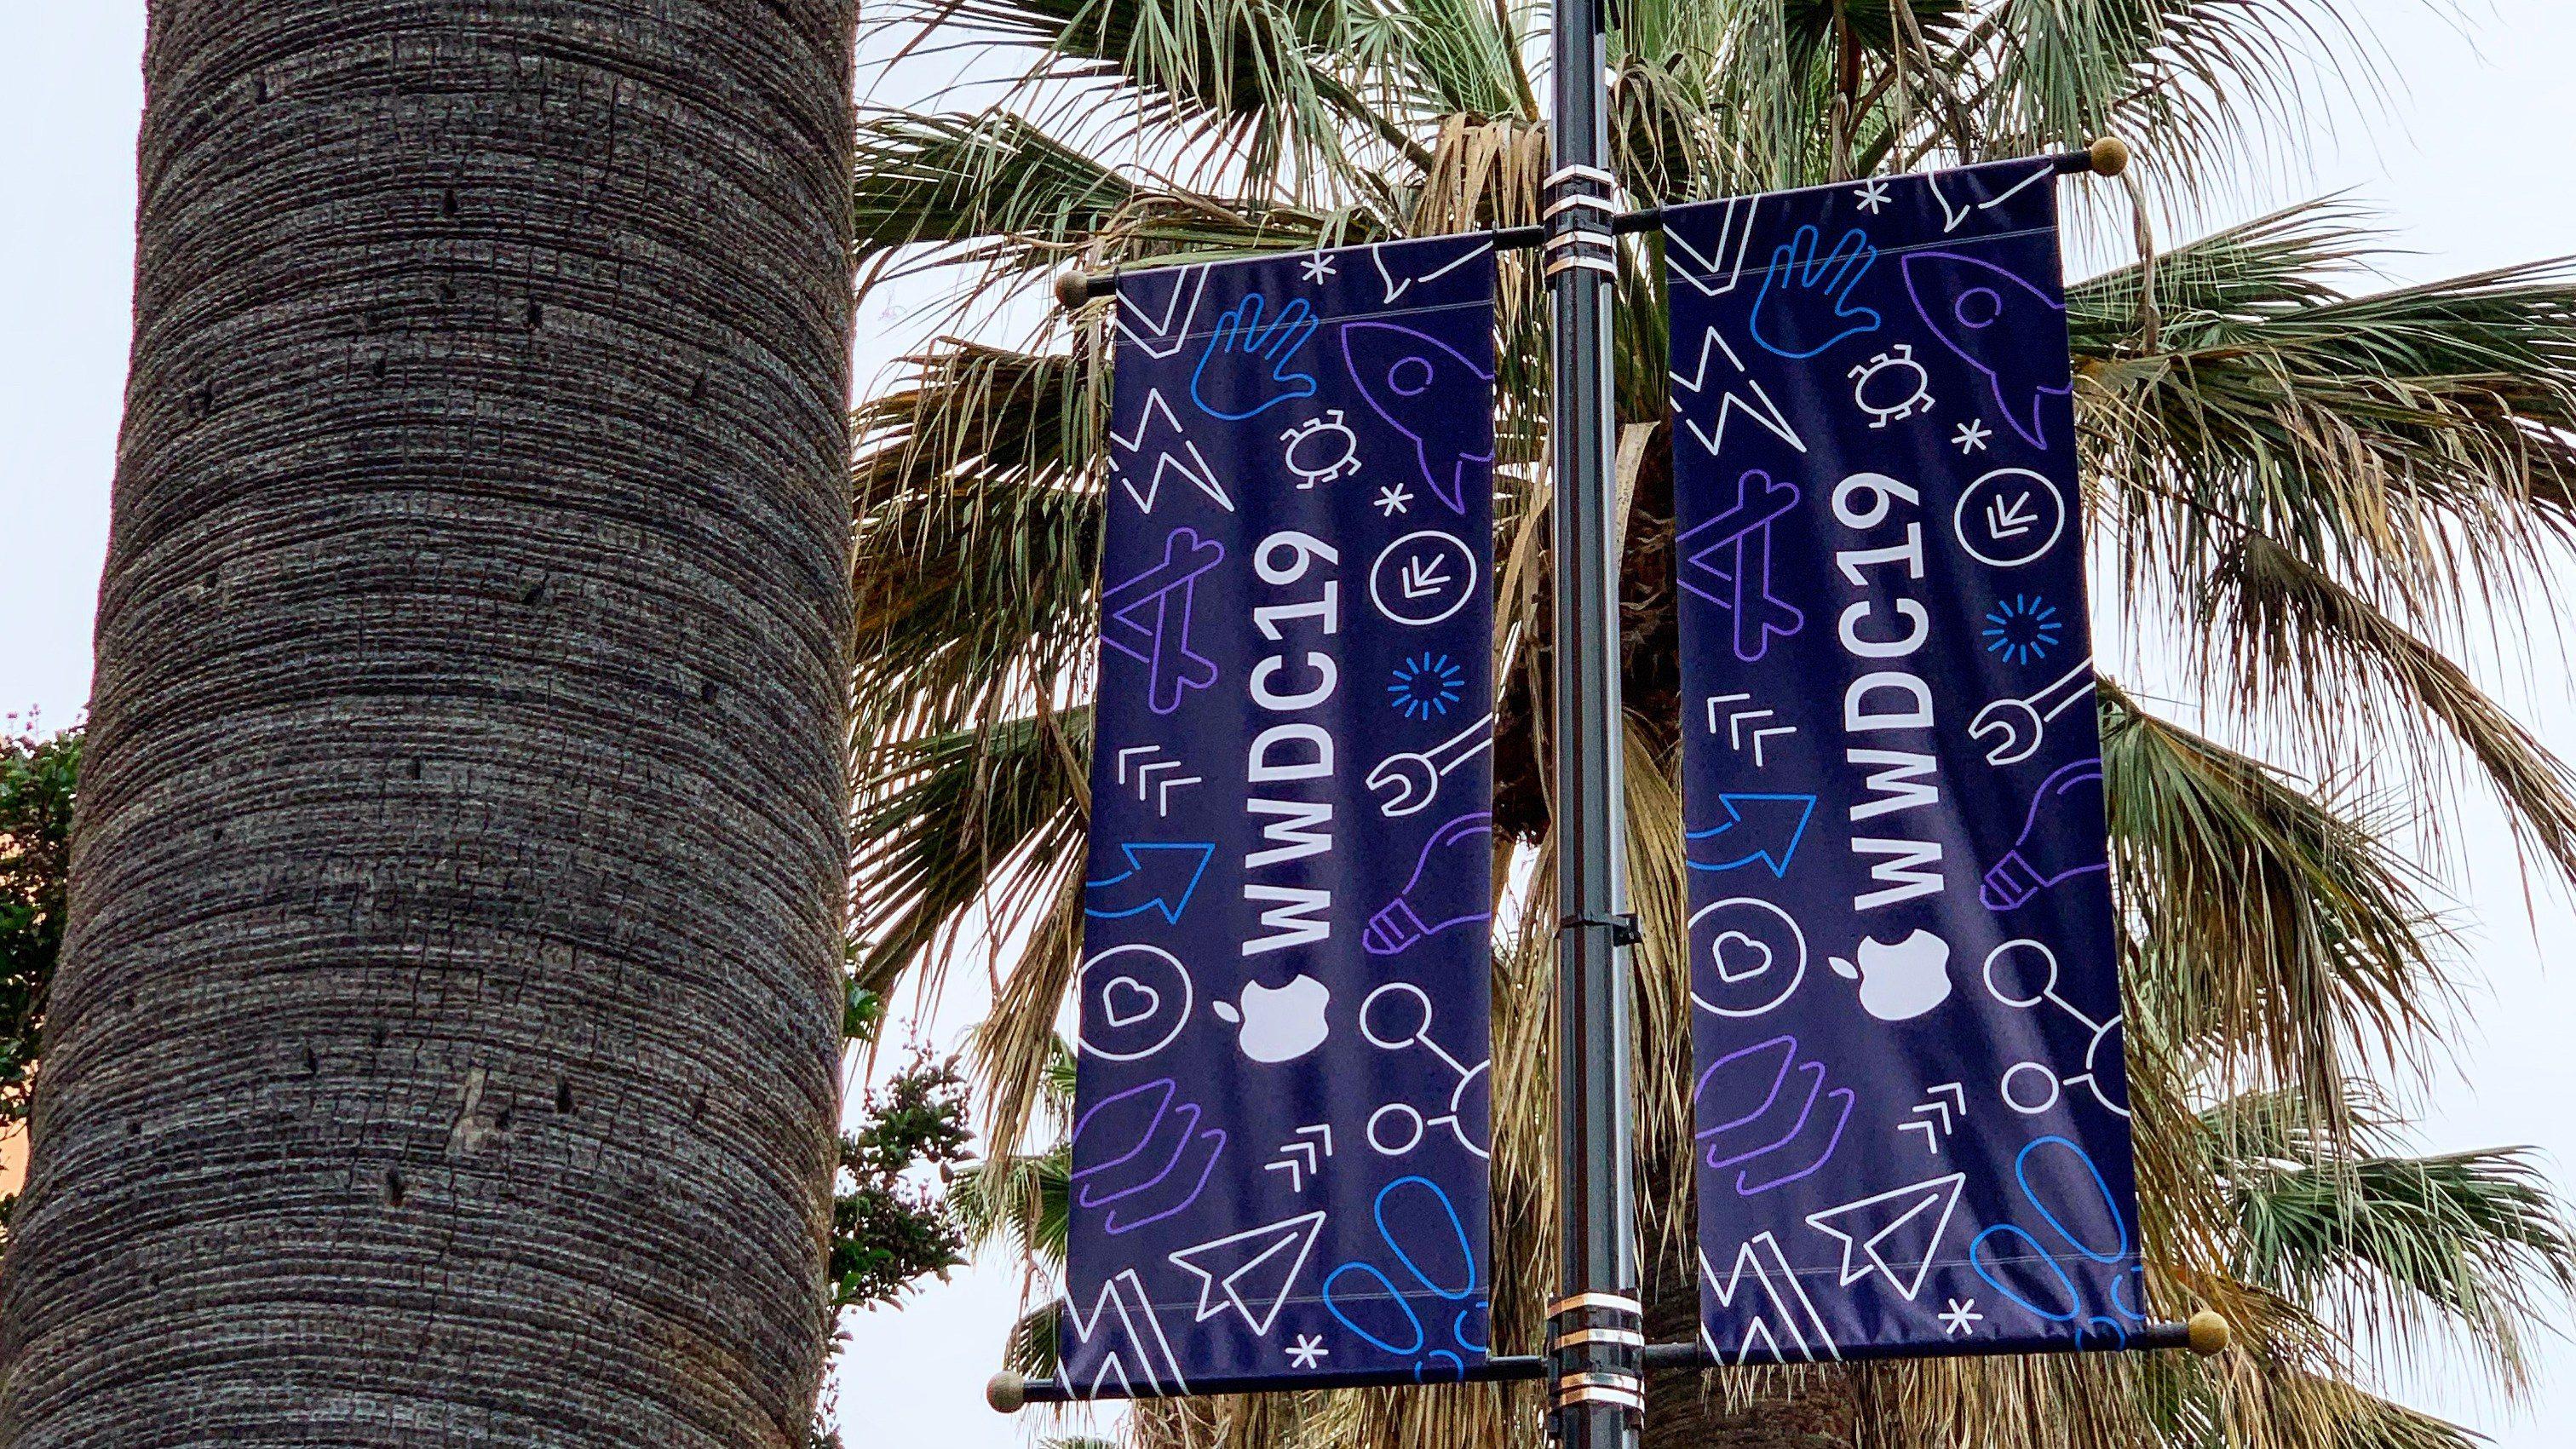 苹果装饰 WWDC 会场:各种霓虹灯风格